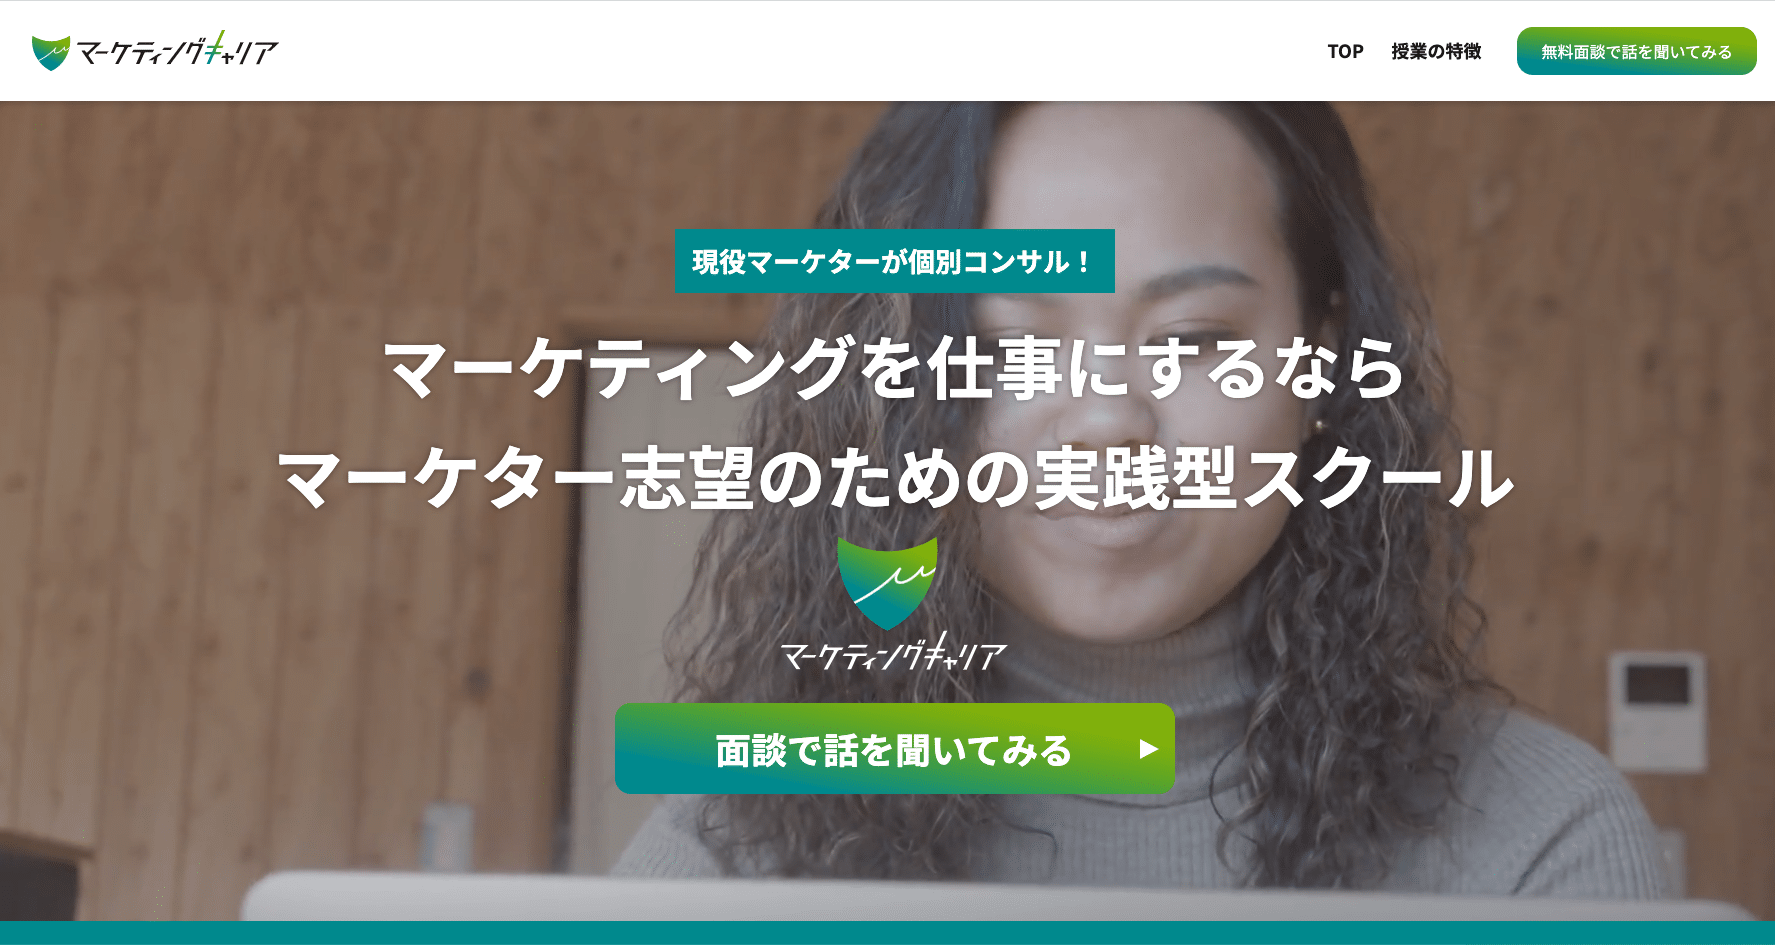 マーケティングキャリア(株式会社Ponnuf)